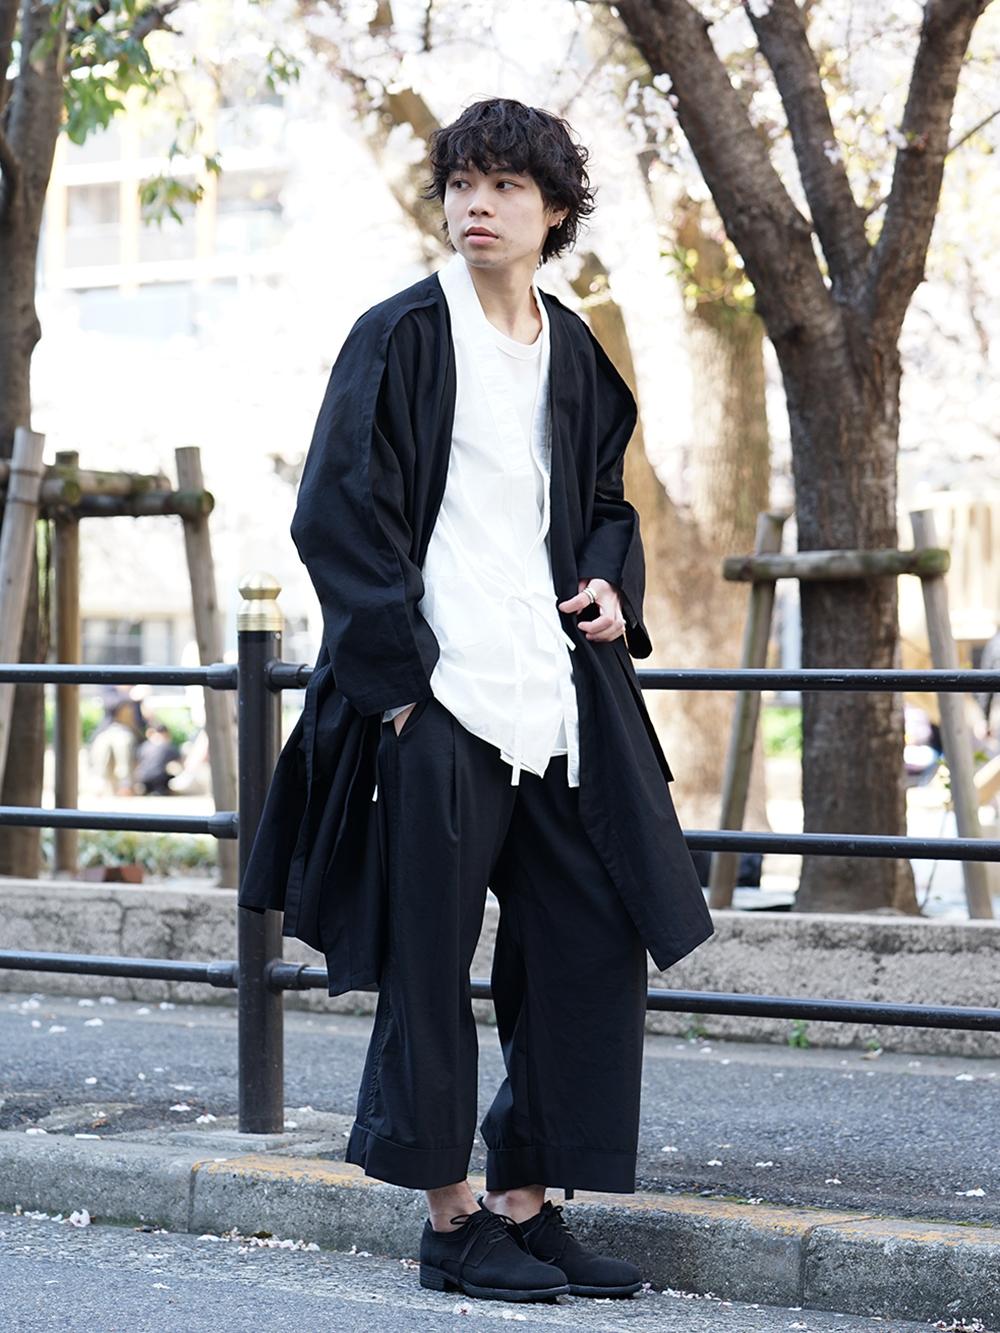 ZIGGY CHEN x B Yohji Yamamoto Japonism Style - 1-001